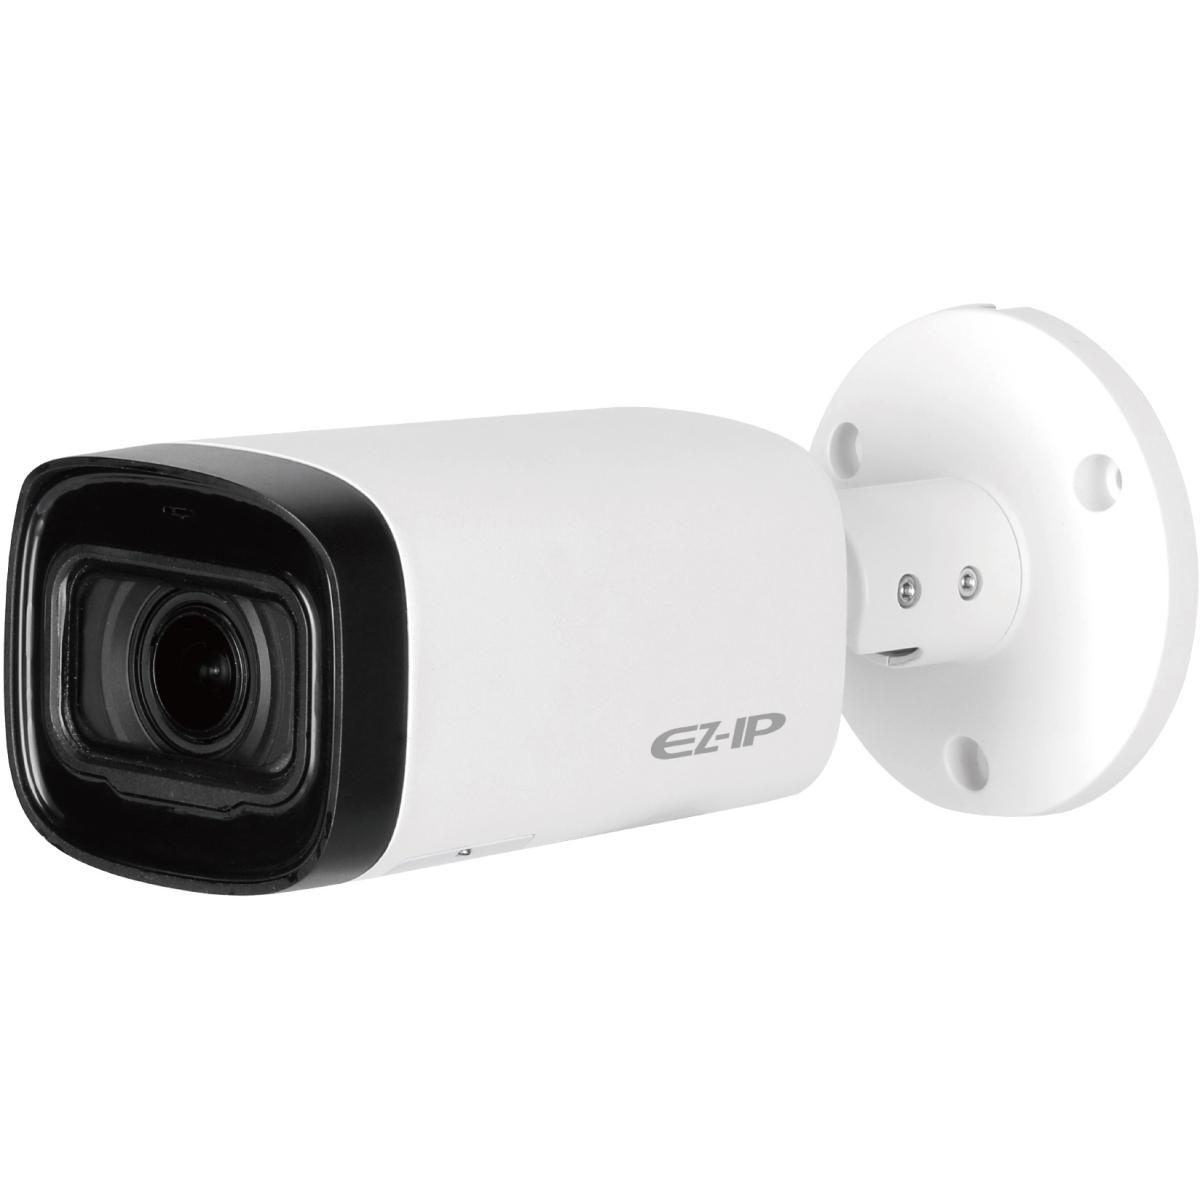 EZ-IP EZ-HAC-B4A41P-VF-2712-DIP Видеокамера AHD/TVI/CVI/CVBS - ТД ВИДЕОГЛАЗ Москва